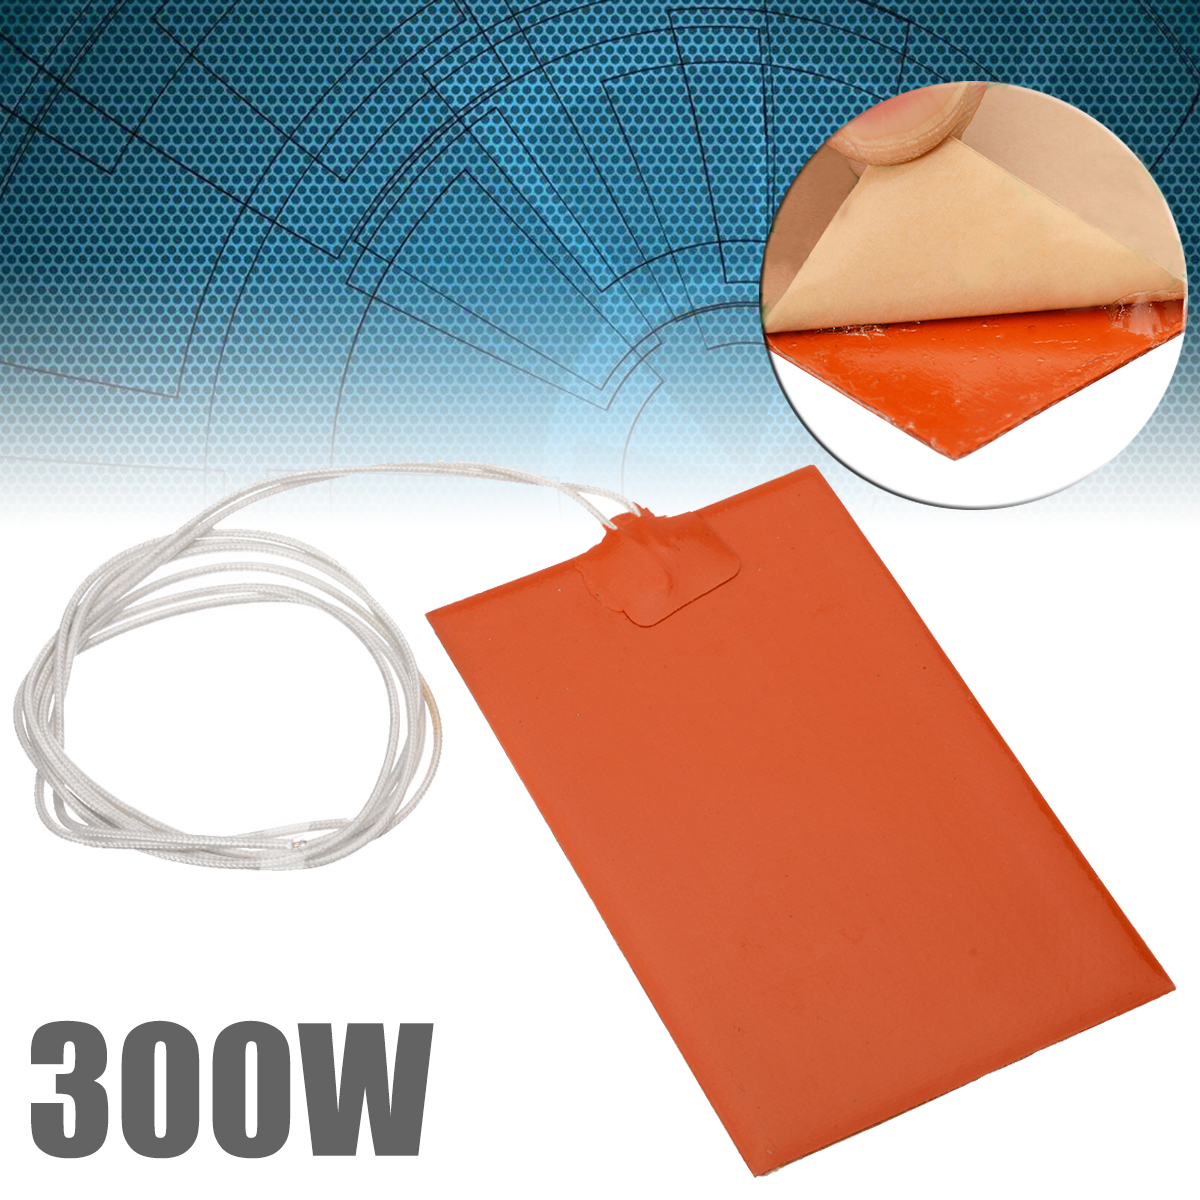 300 Вт, 220 В, масляный бак для двигателя, силиконовый нагреватель, Универсальный топливный бак, бак для воды, резиновый нагревательный коврик, ...